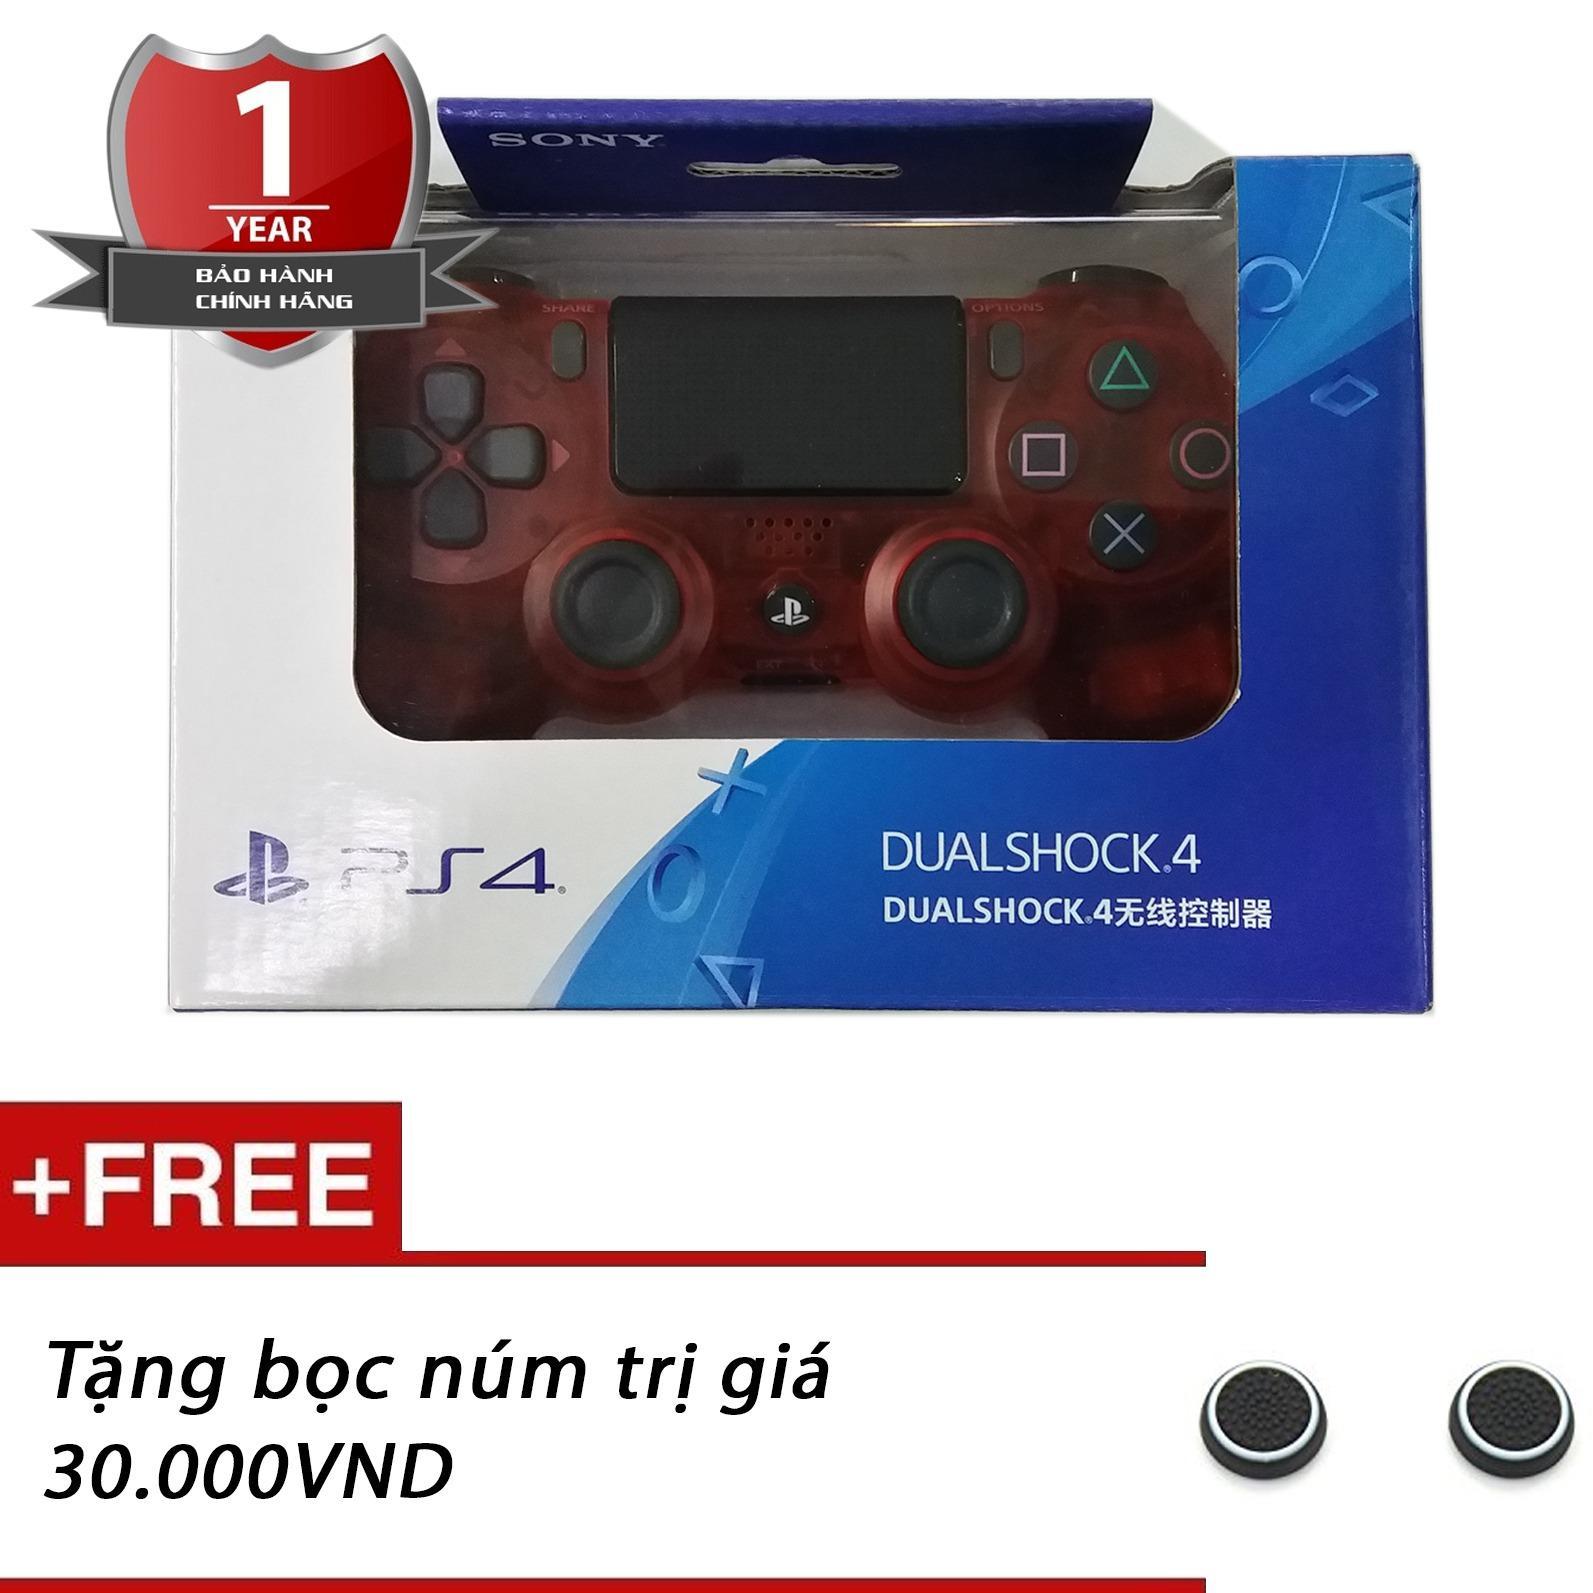 Ôn Tập Cửa Hàng Tay Cầm Chơi Game Ps4 Slim Pro Dualshock 4 Kem Bọc Num Crystal Red Hang Sony Việt Nam Trực Tuyến